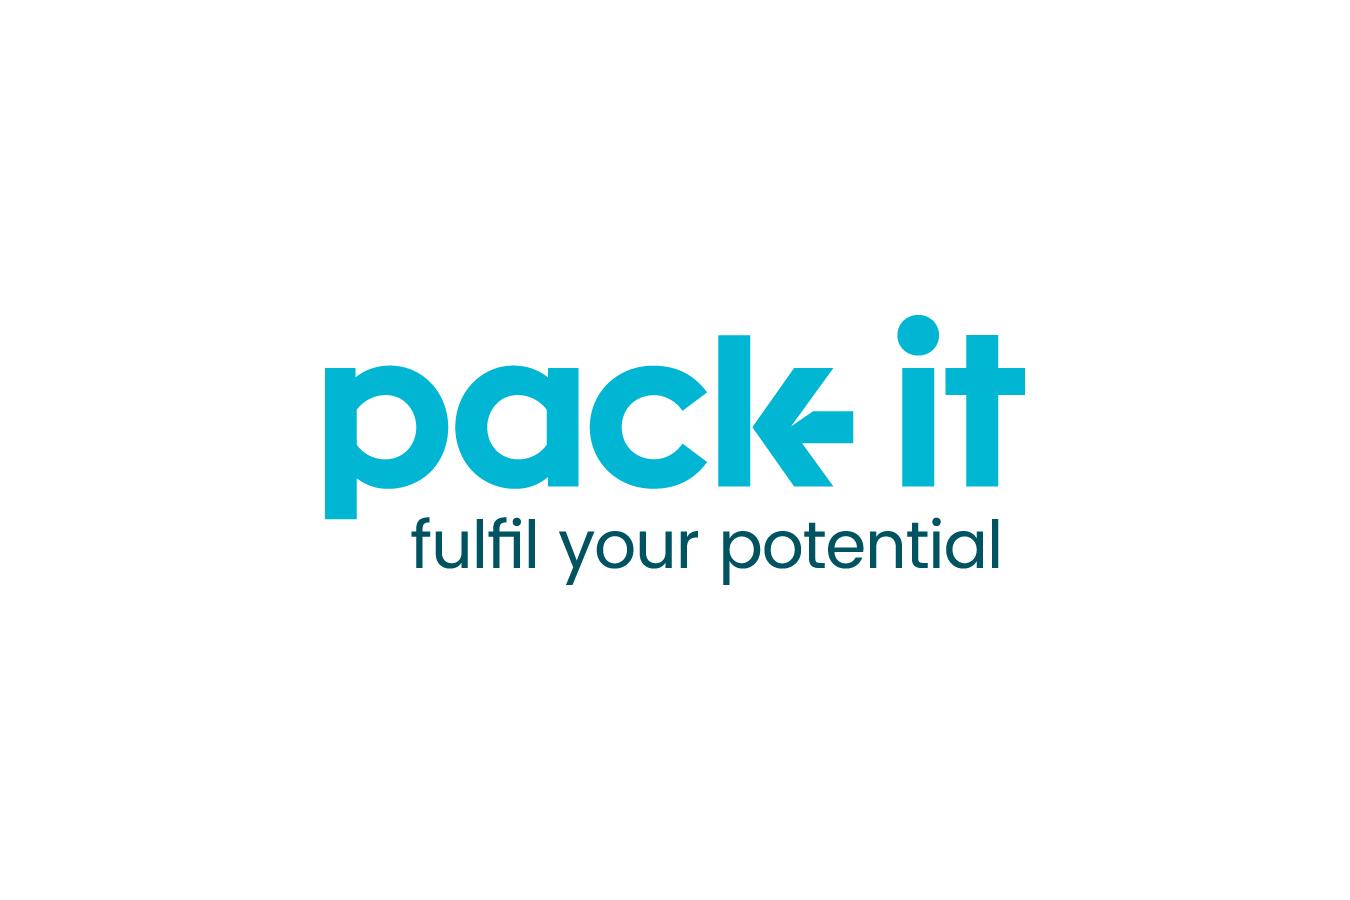 1-pack-it-logo-colour.jpg